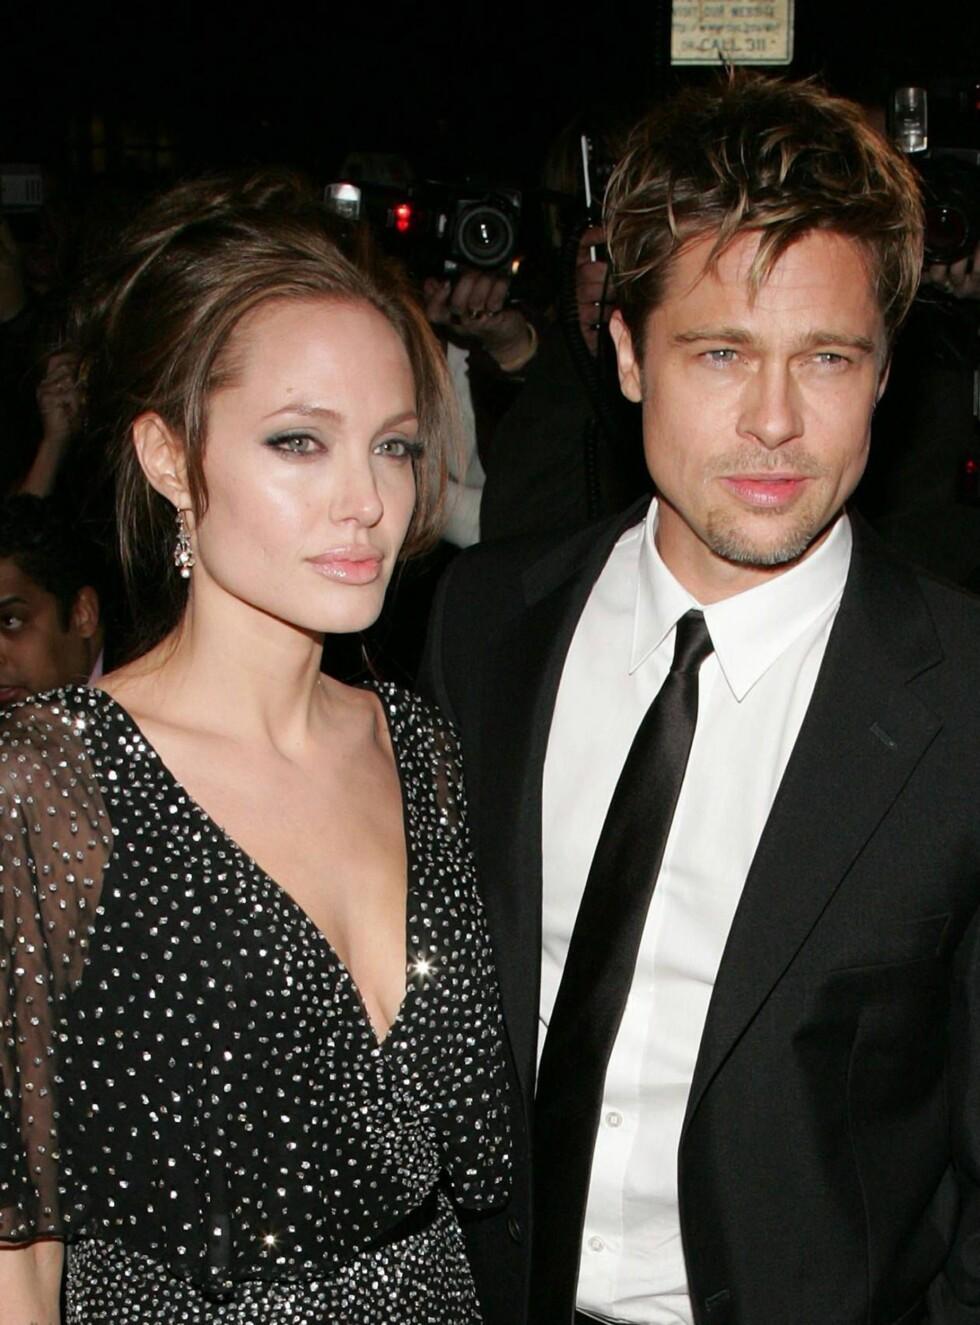 """SAMMEN: Angelina og Brad falt pladask for hverandre under innspillingen av """"Mr. & Mrs. Smith"""". Nå er de foreldre til tre - og koser seg i hjel. Foto: All Over Press"""